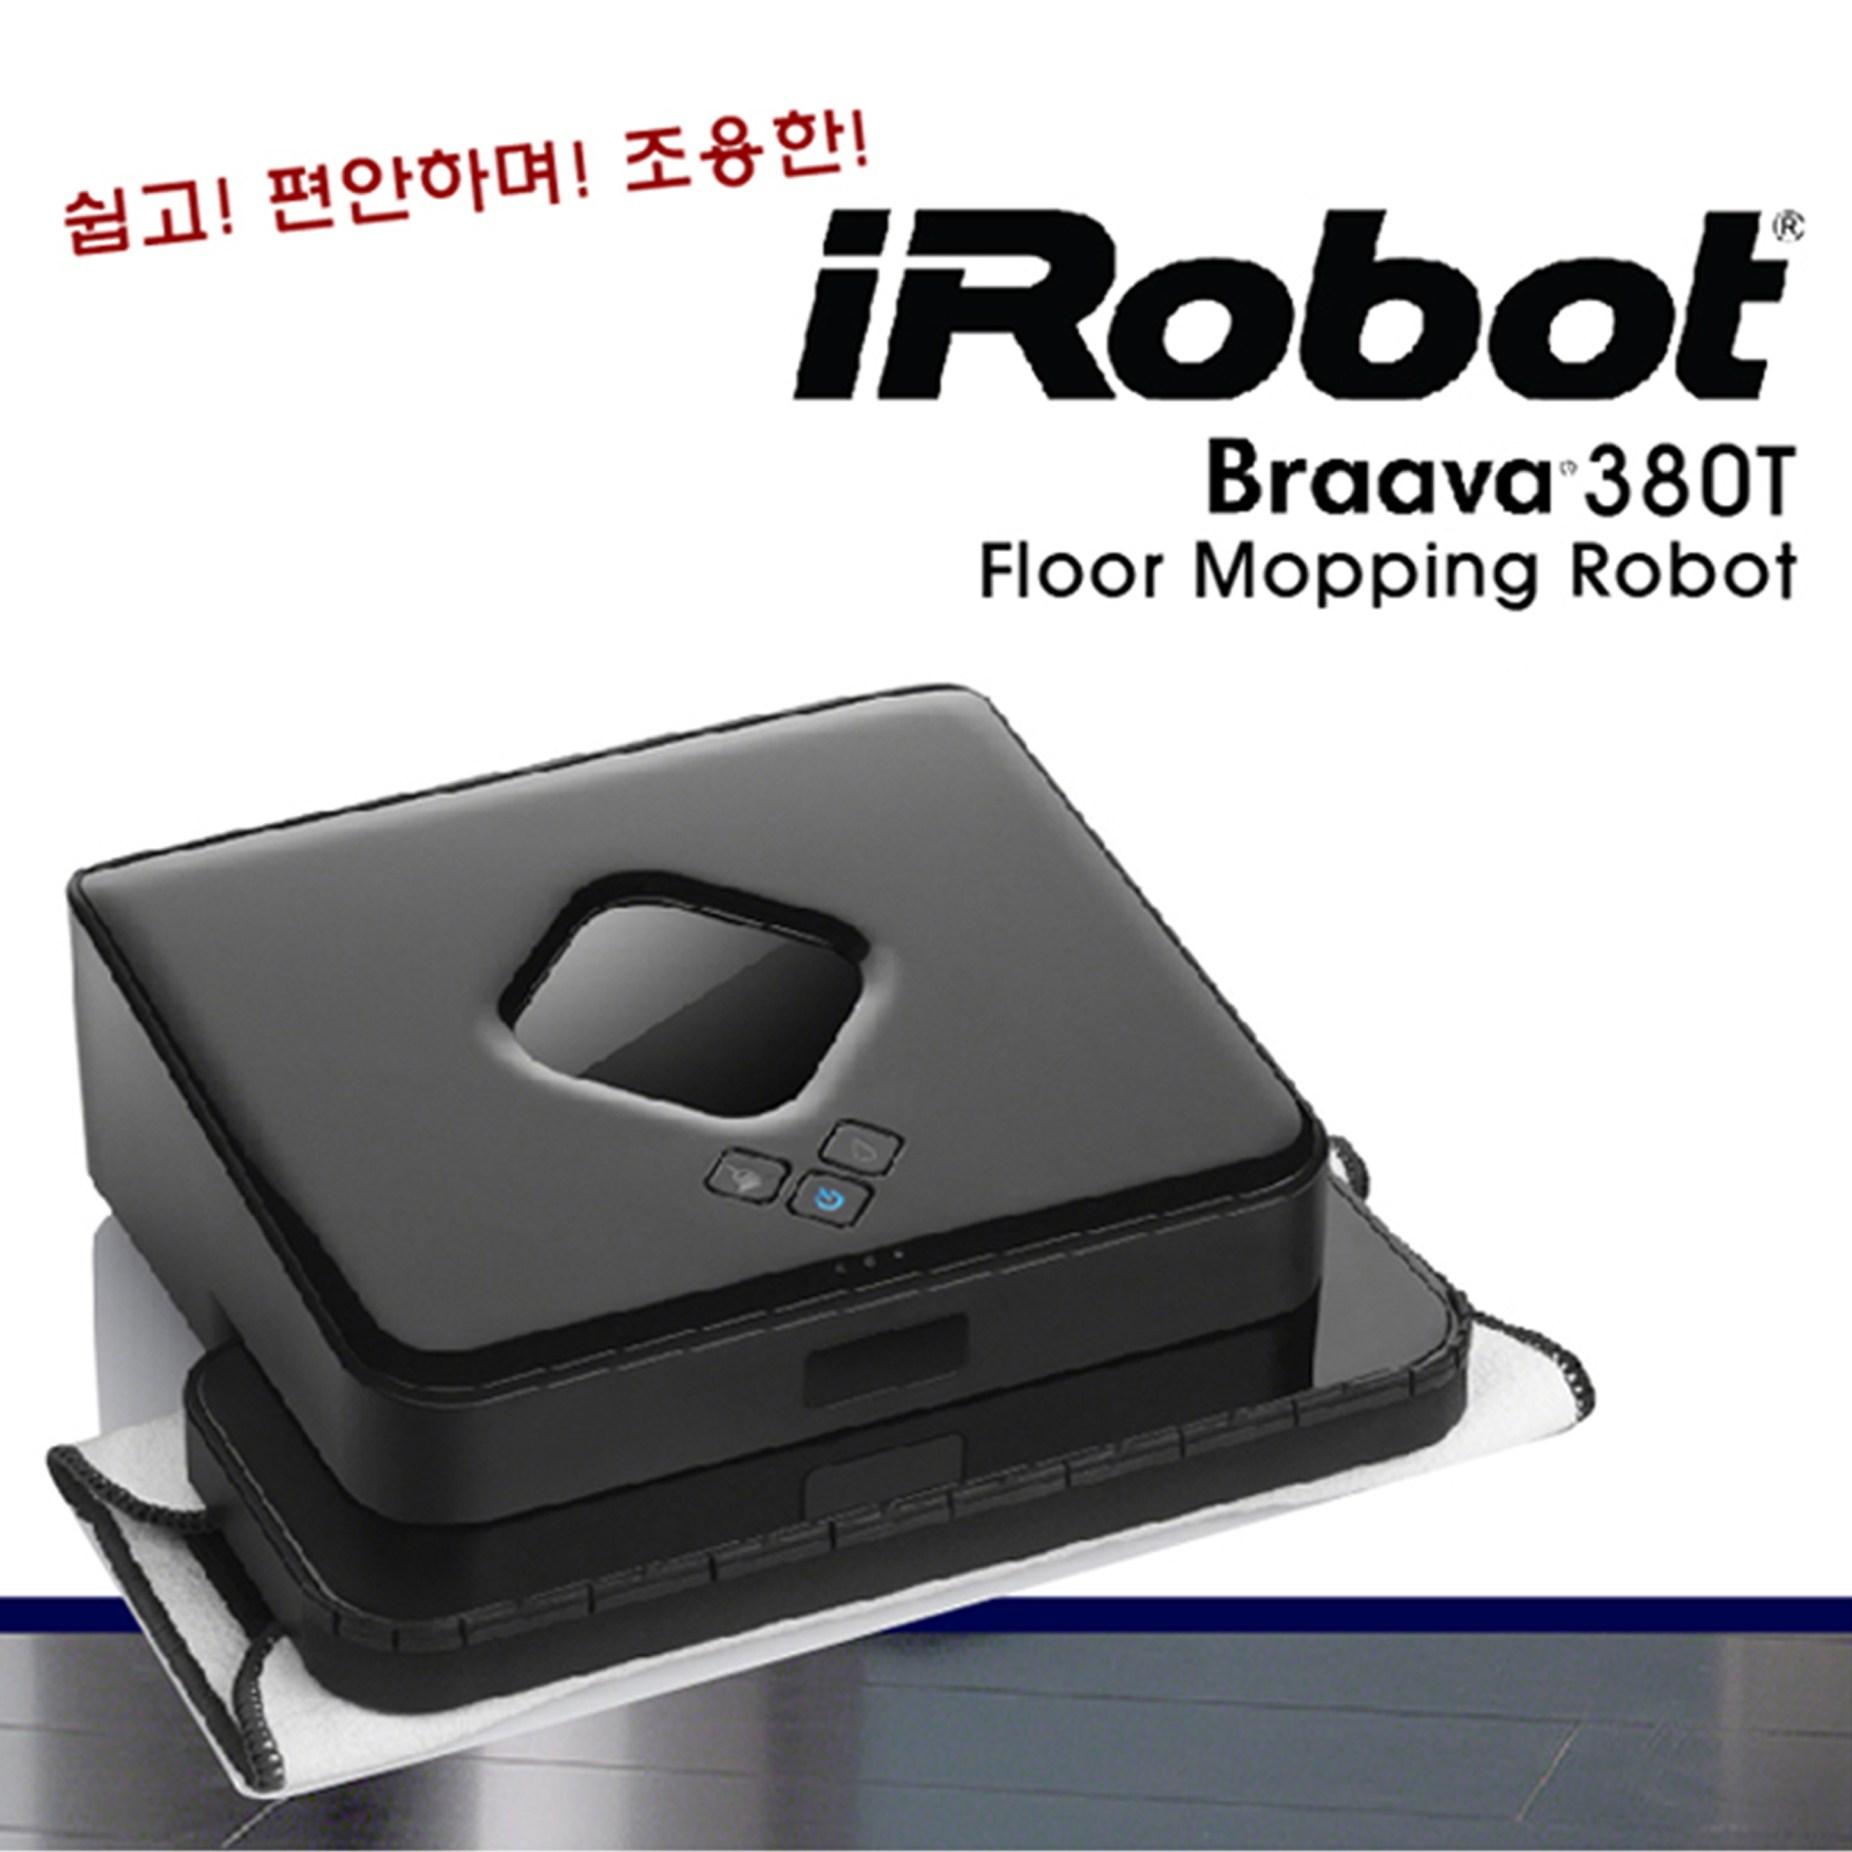 Braava 브라바 380t 인공지능 물걸레청소기(미국직배송)관부가세포함 물걸레청소기